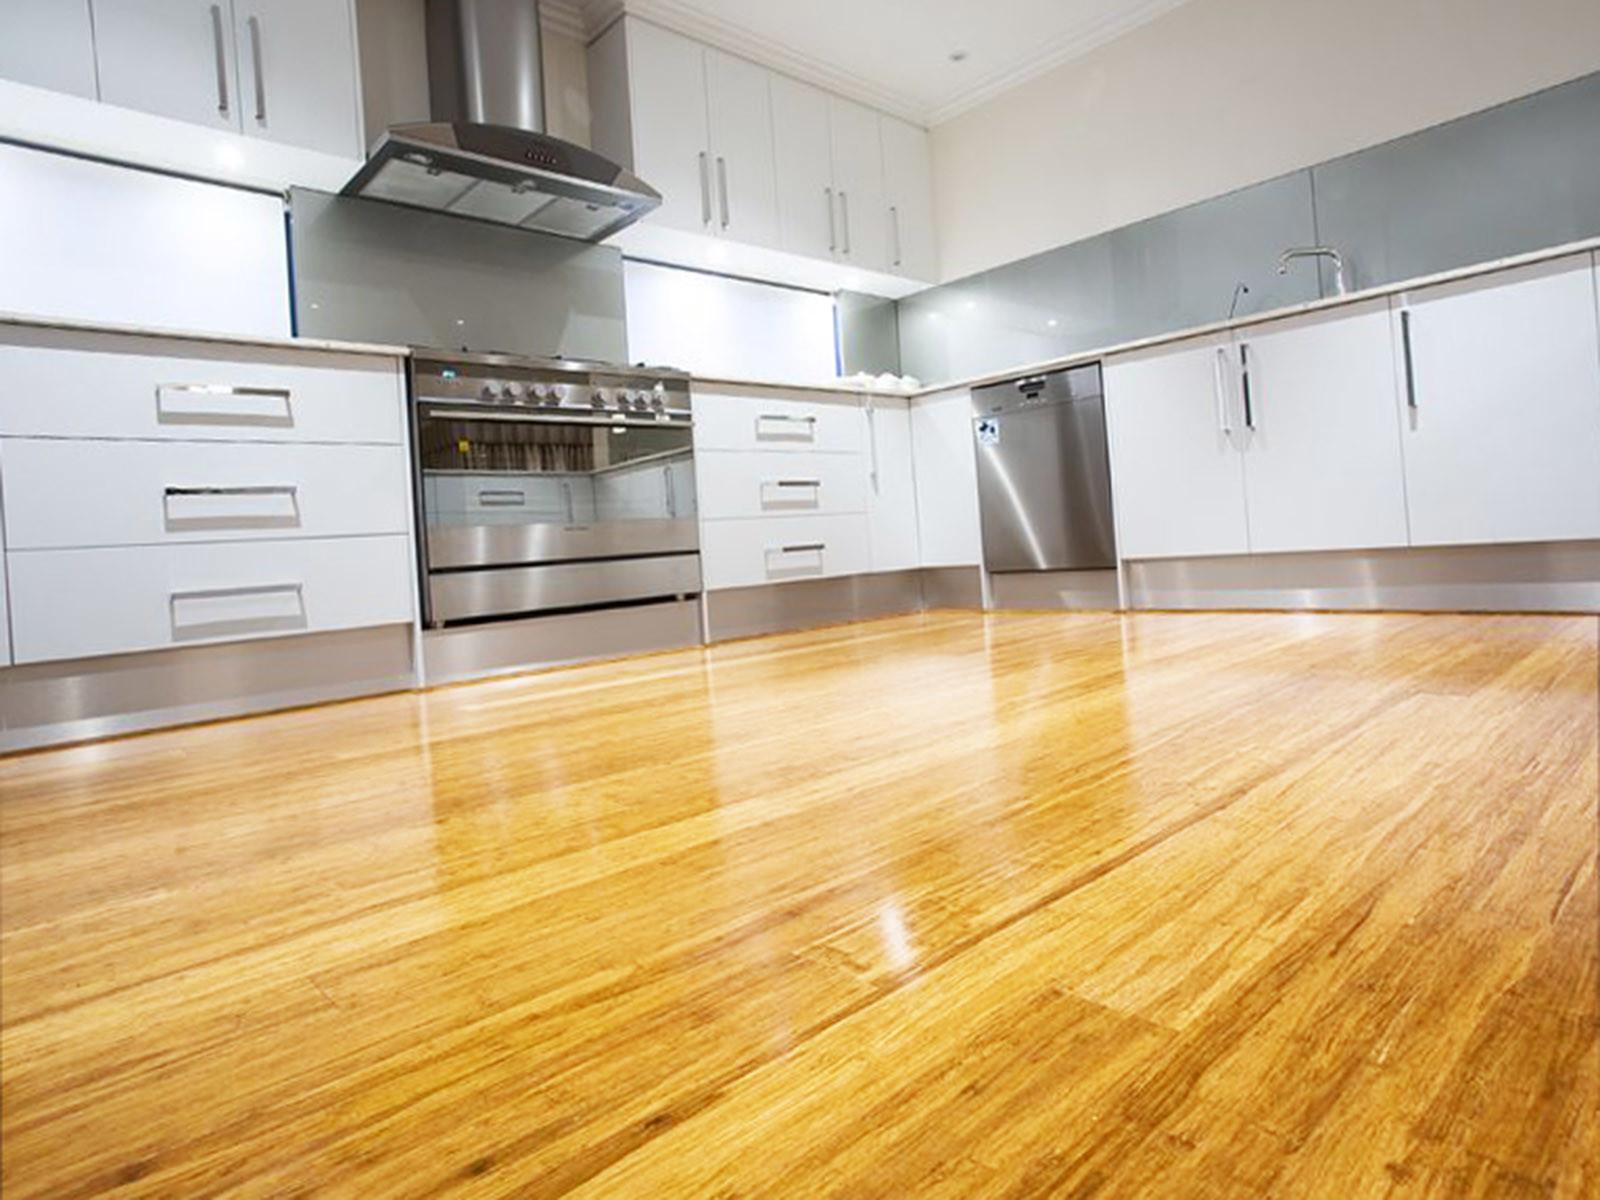 Бамбуковый пол на кухне - тенденция 2019-2020